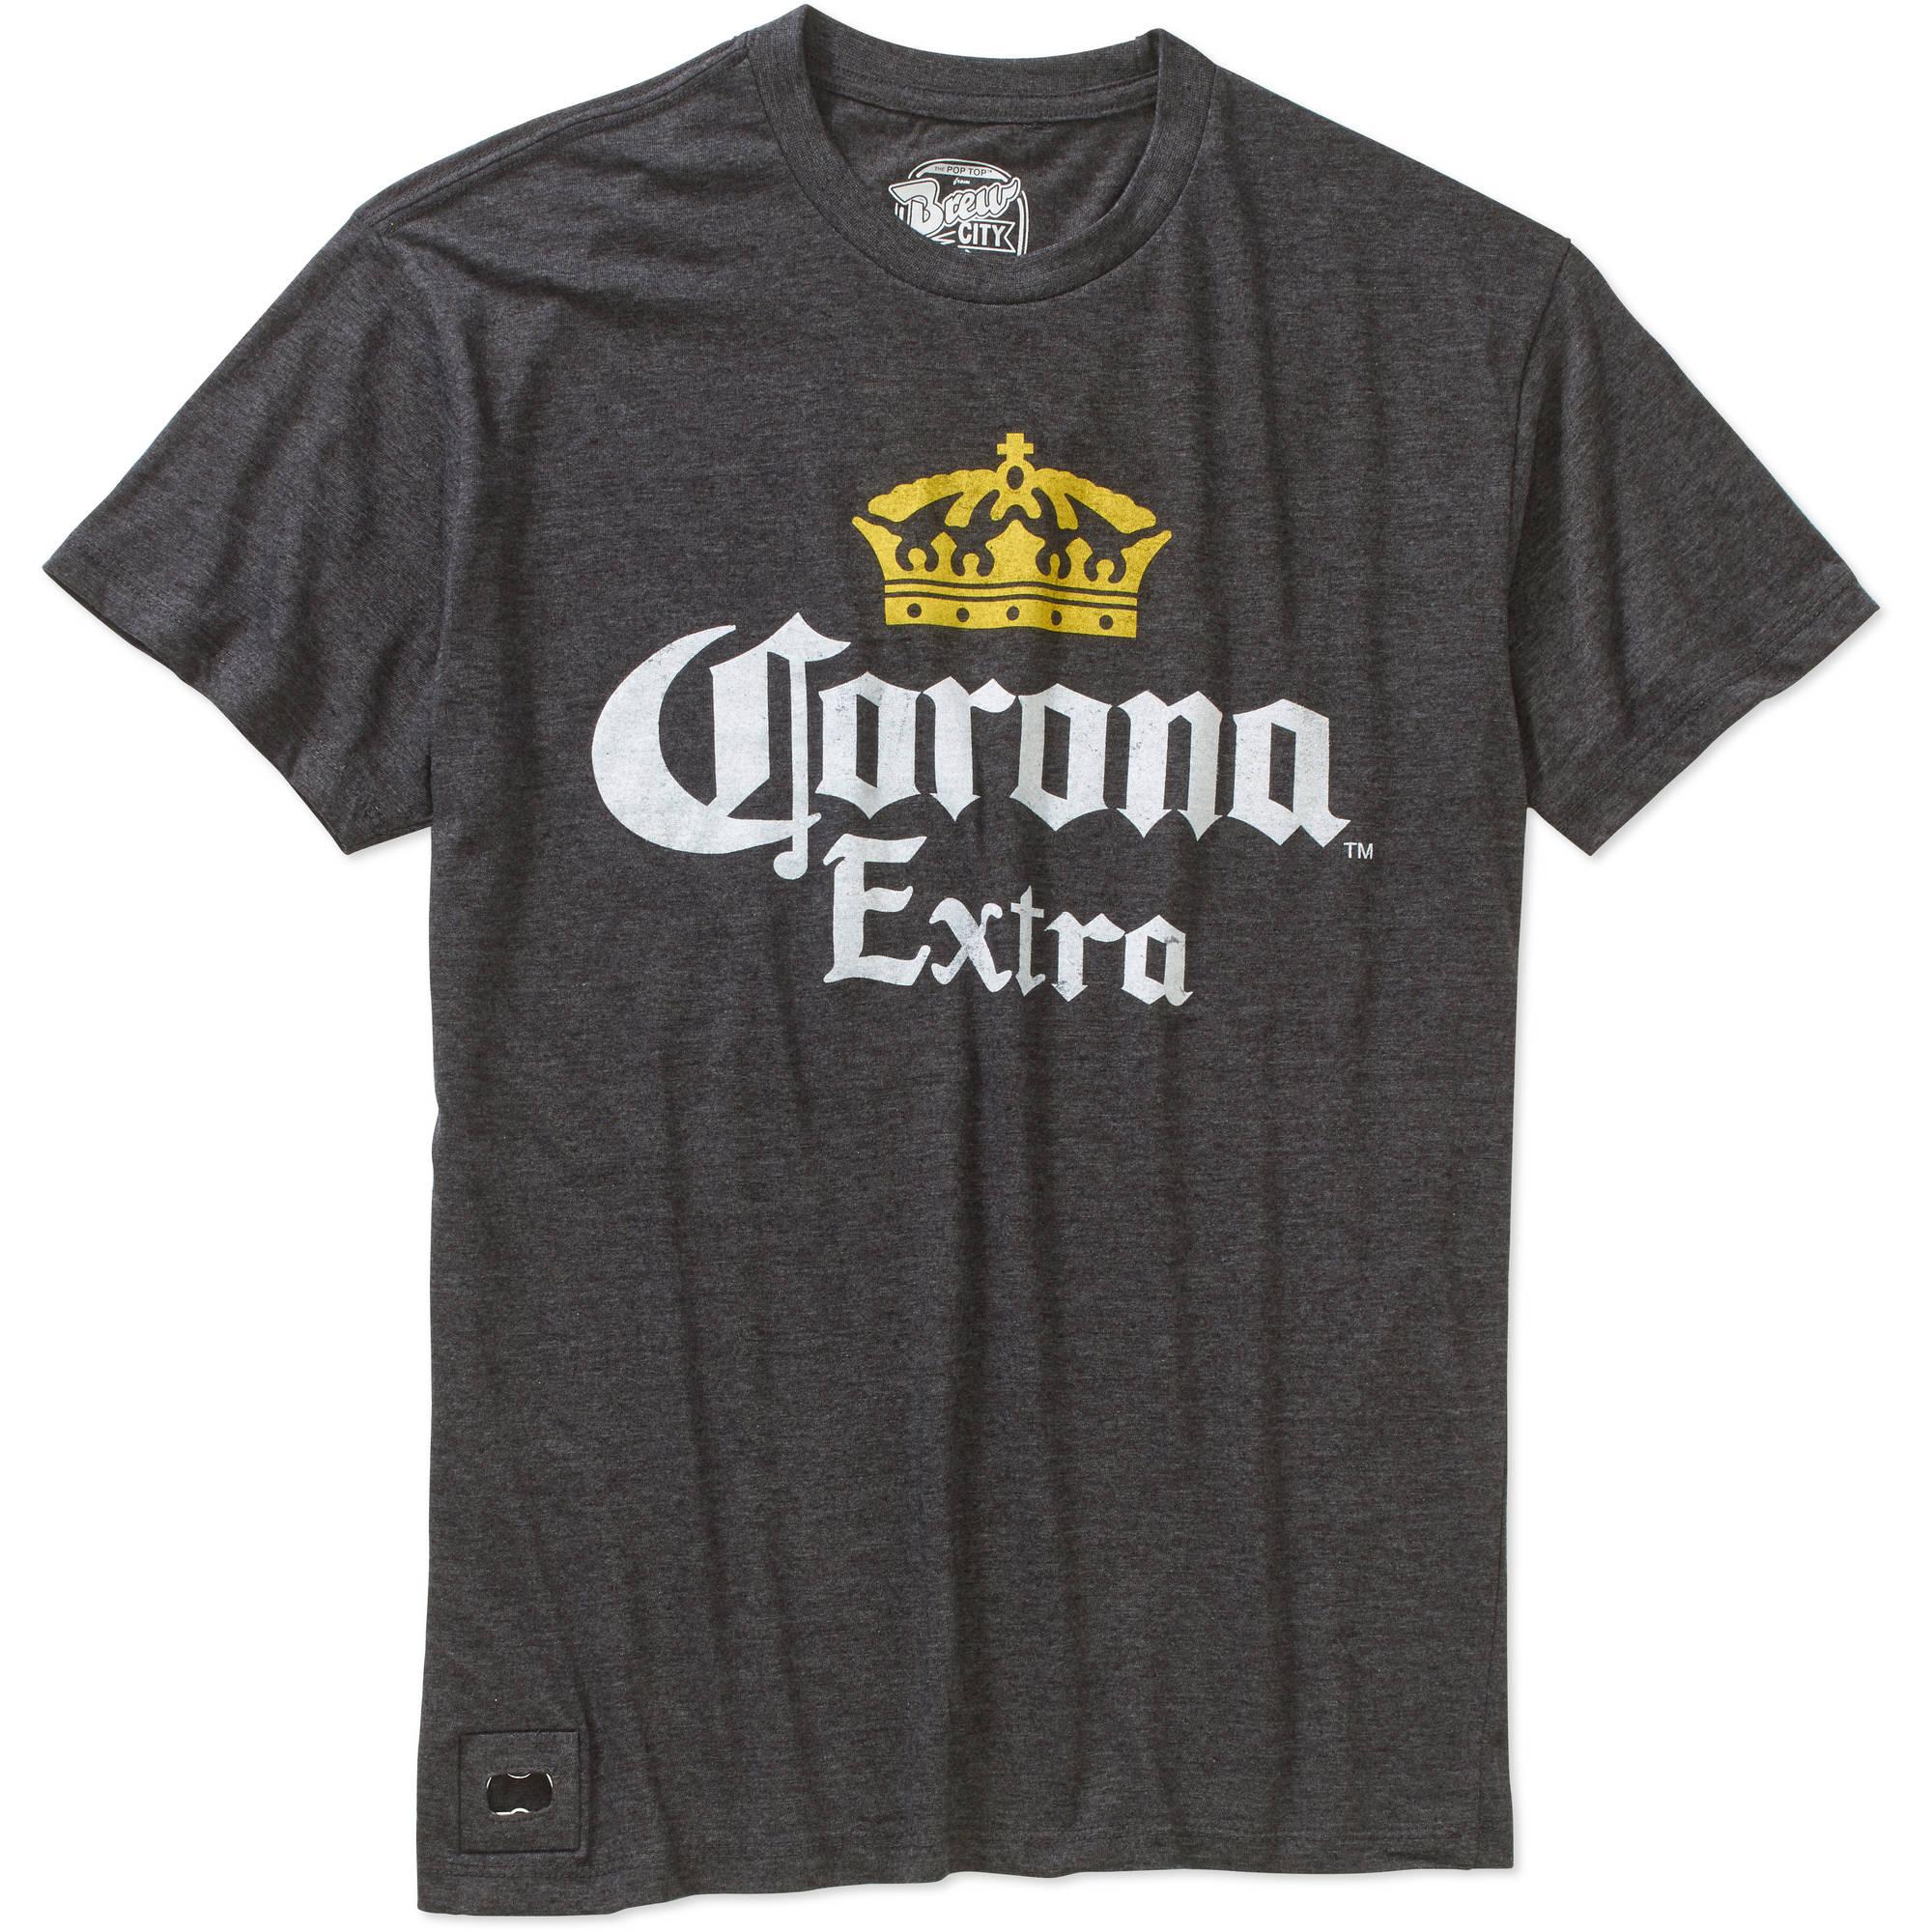 Corona Men's Pop Top Graphic Tee with Bottle Opener